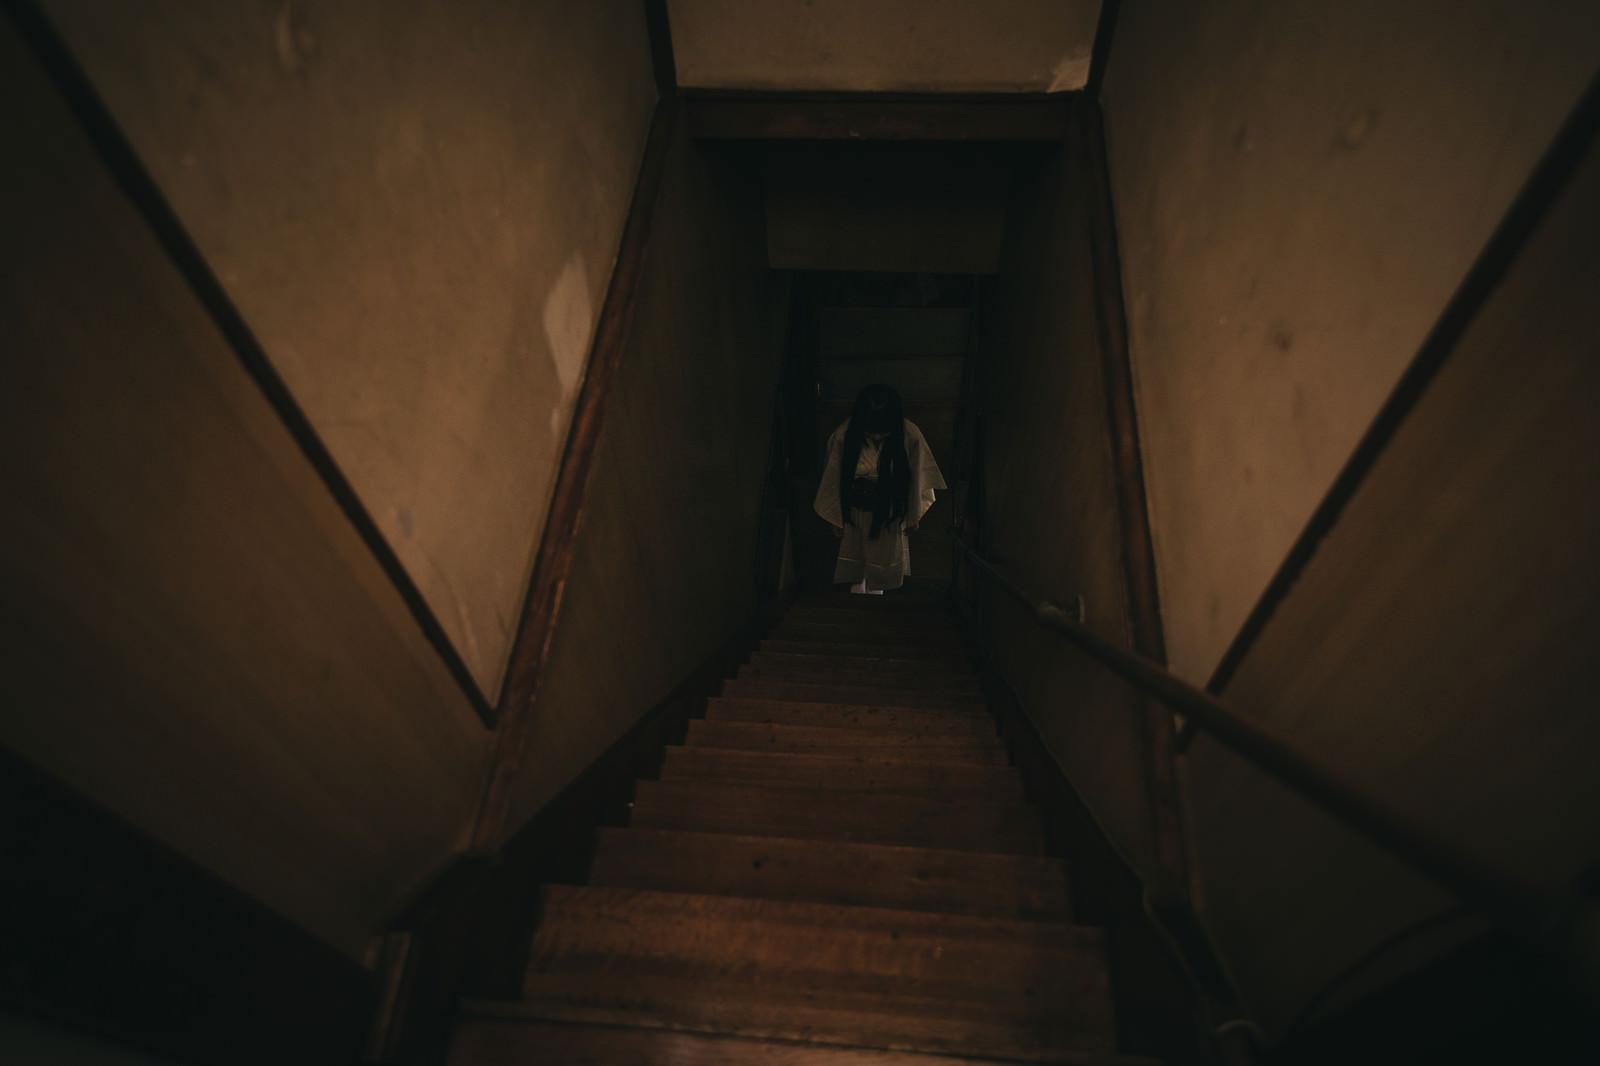 「古民家の階段下に立つ女性の姿」の写真[モデル:緋真煉]